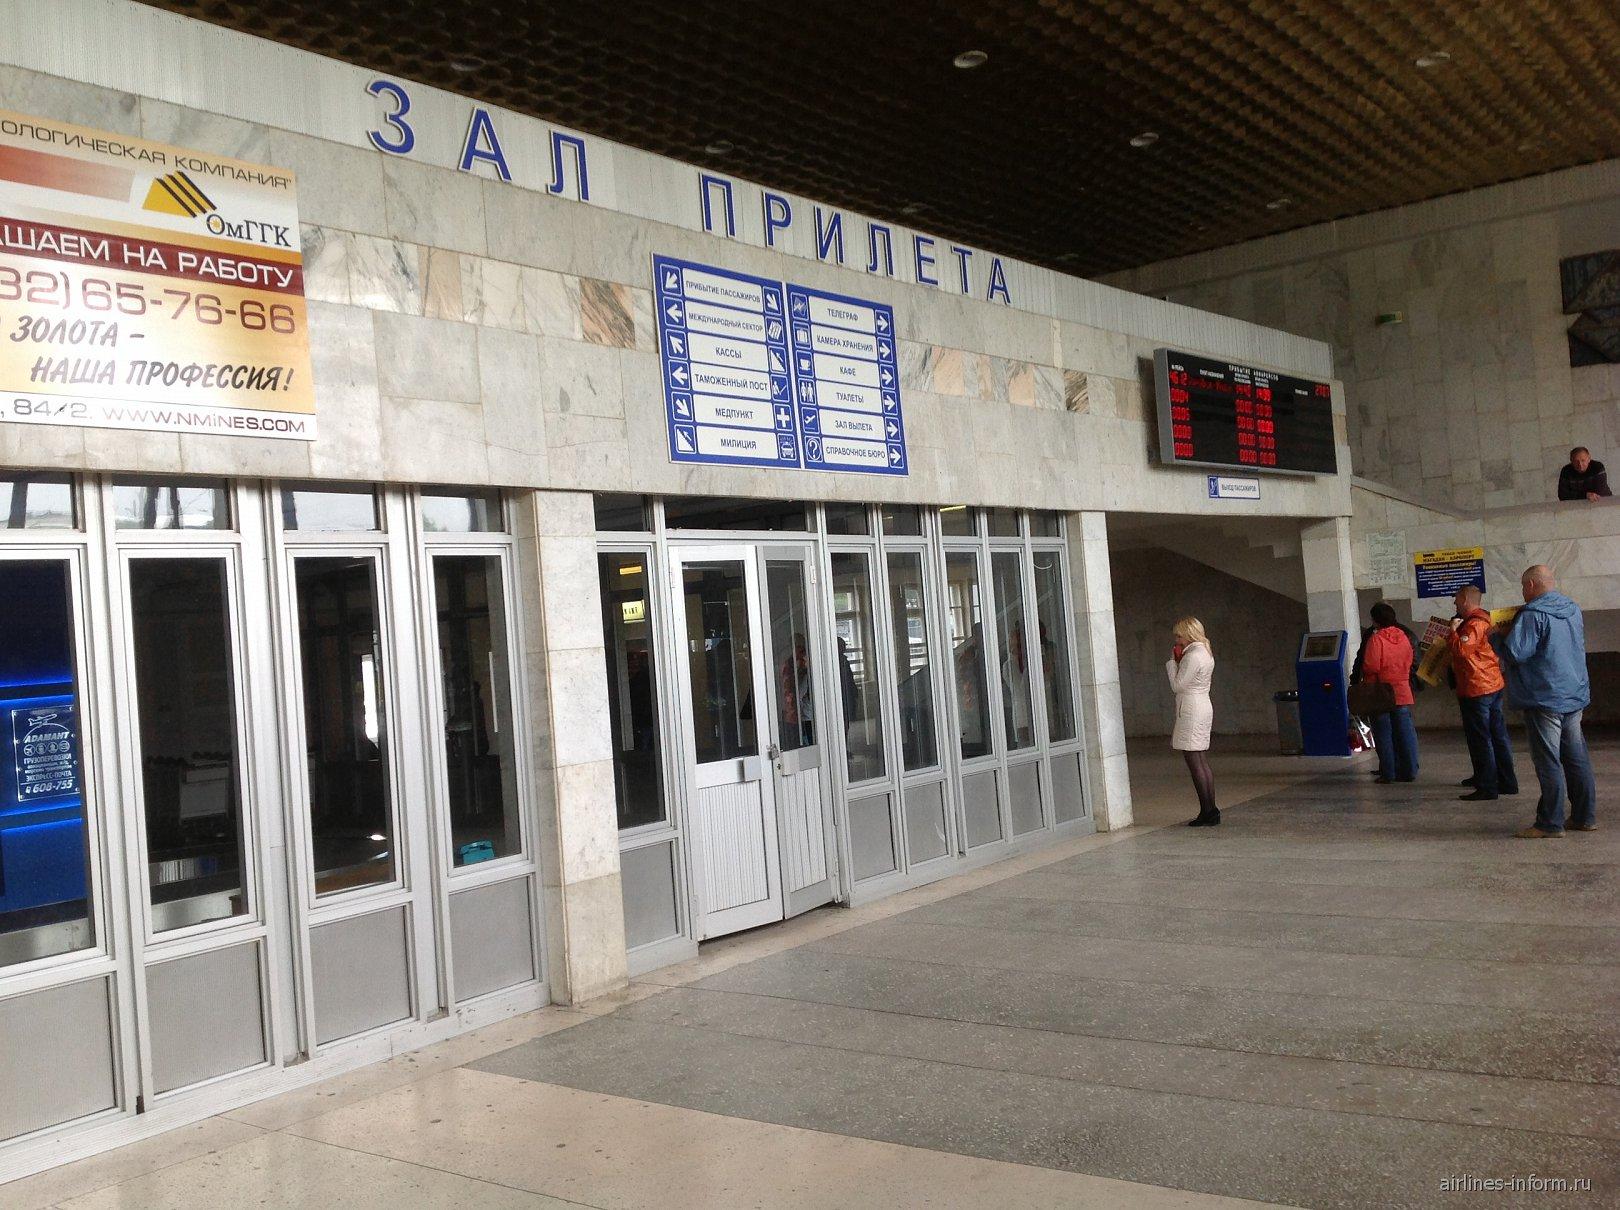 Зал прилета аэропорта Сокол в Магадане 1